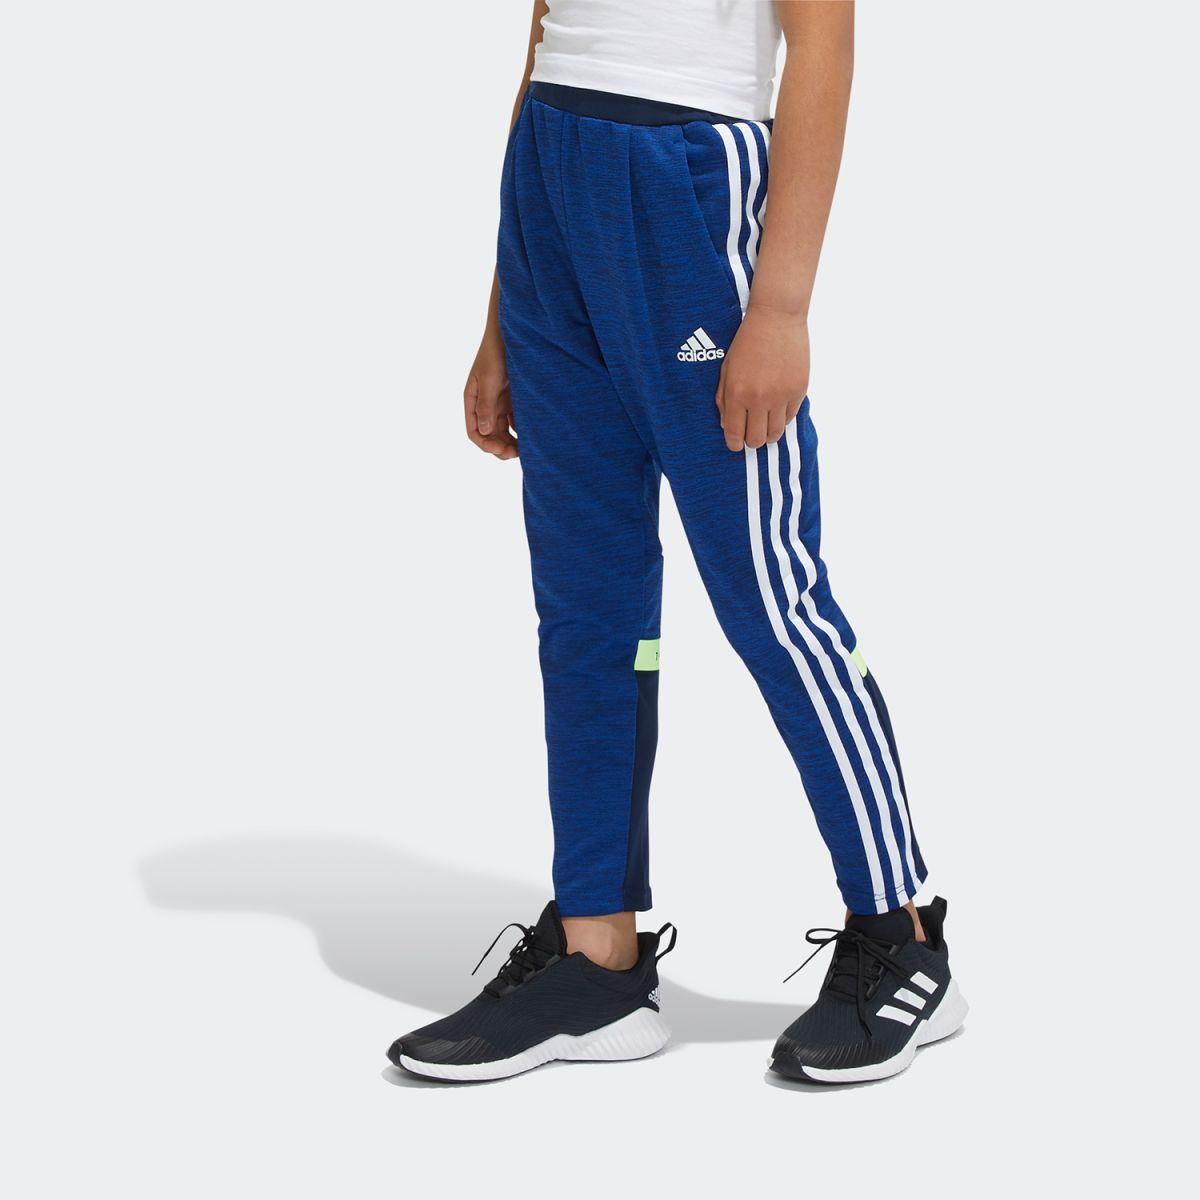 【公式】アディダス adidas ジャージ パンツ キッズ DV1173 ウェア